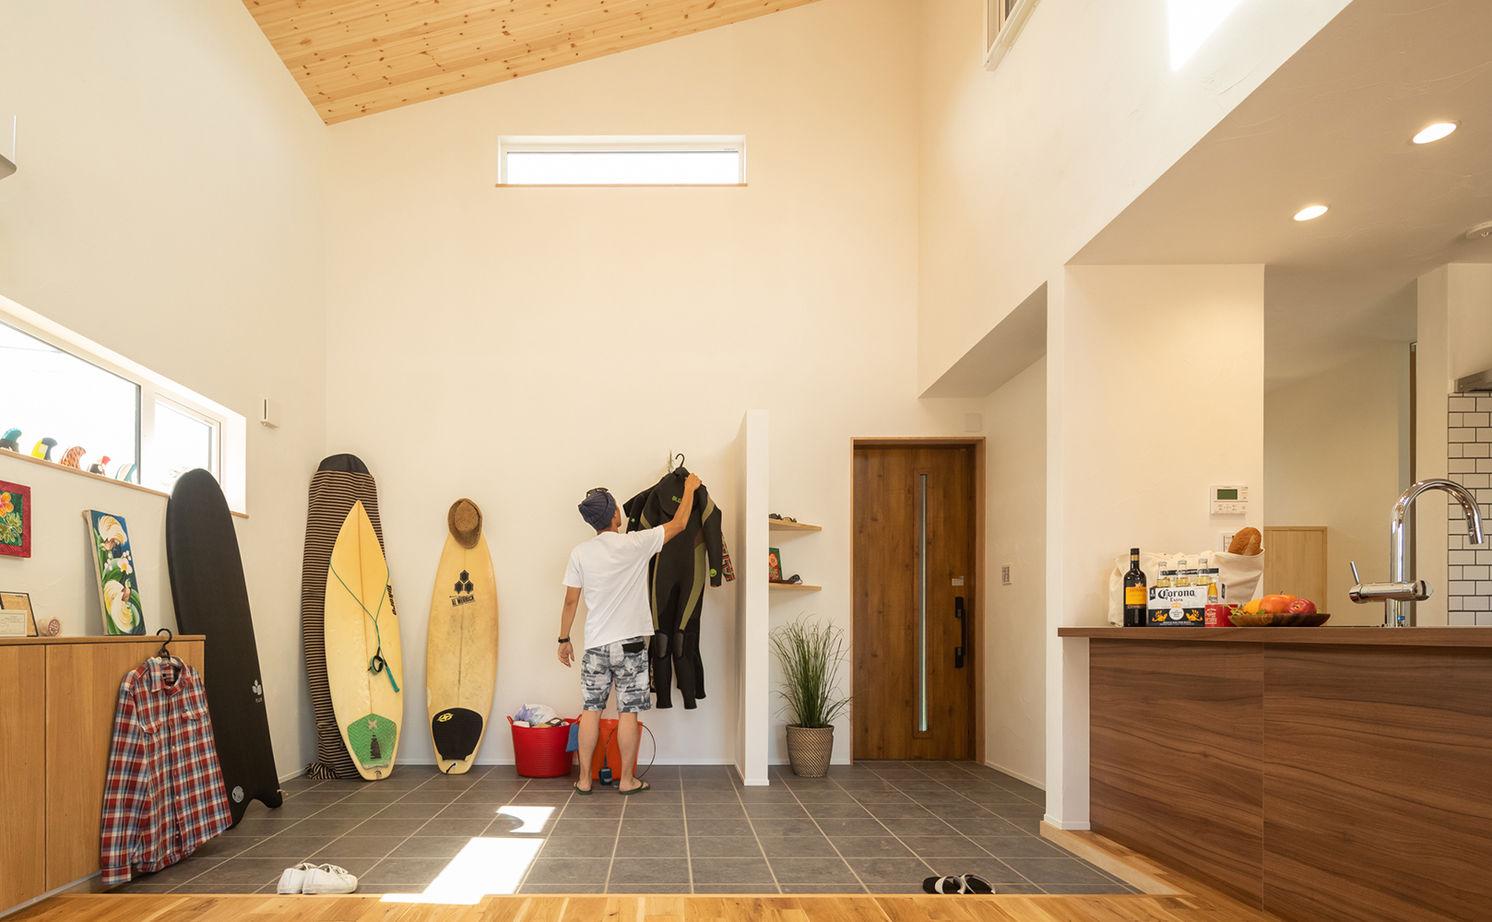 広い土間玄関からバスルームへ直行。2階は主寝室だけという大胆な設計で叶える大空間